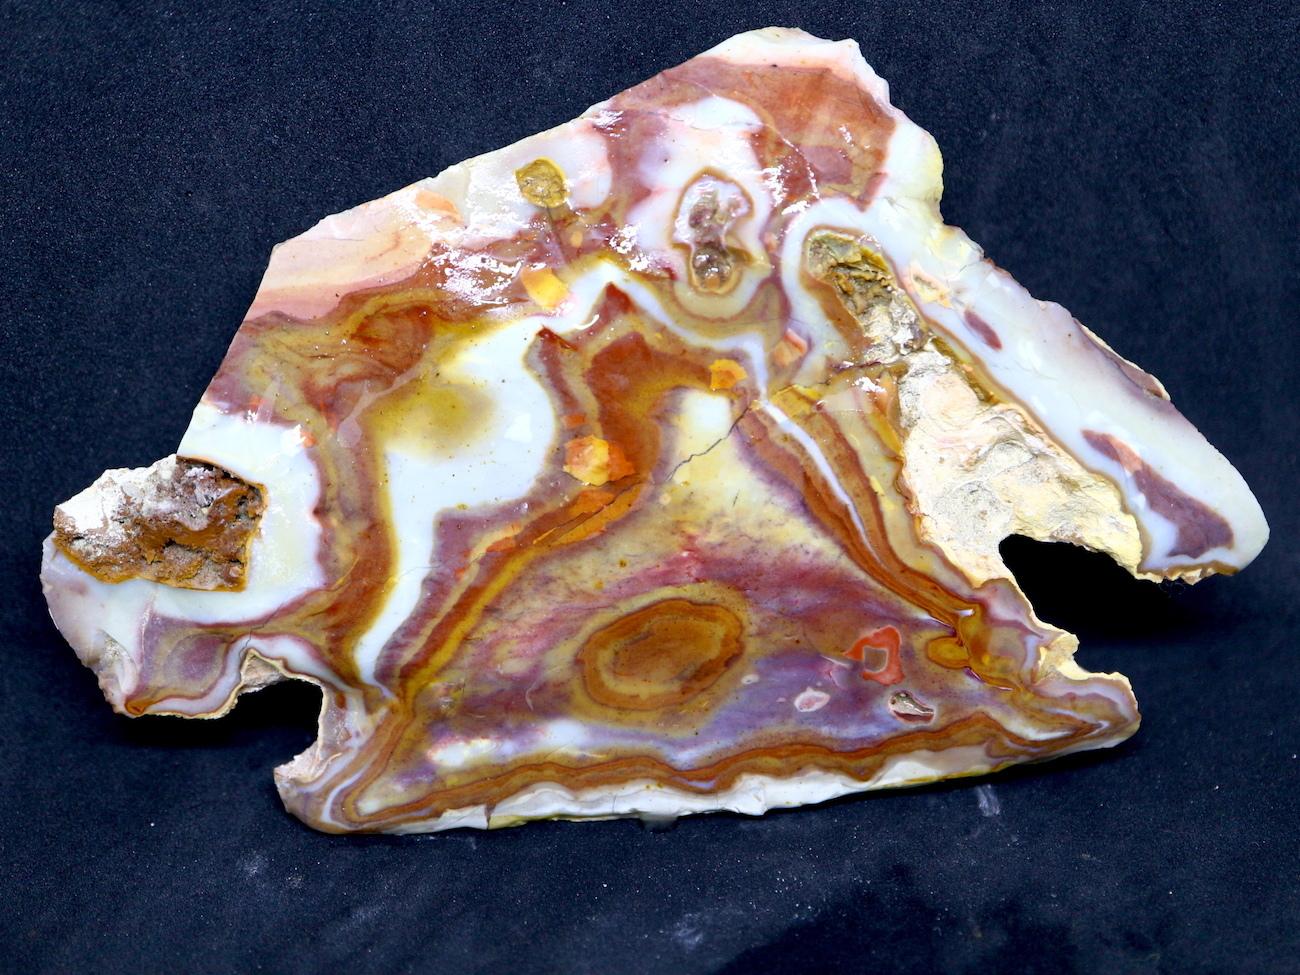 ※SALE※レインボー カルセドニー 211g RCR004 玉髄 鉱物 原石 天然石 パワーストーン